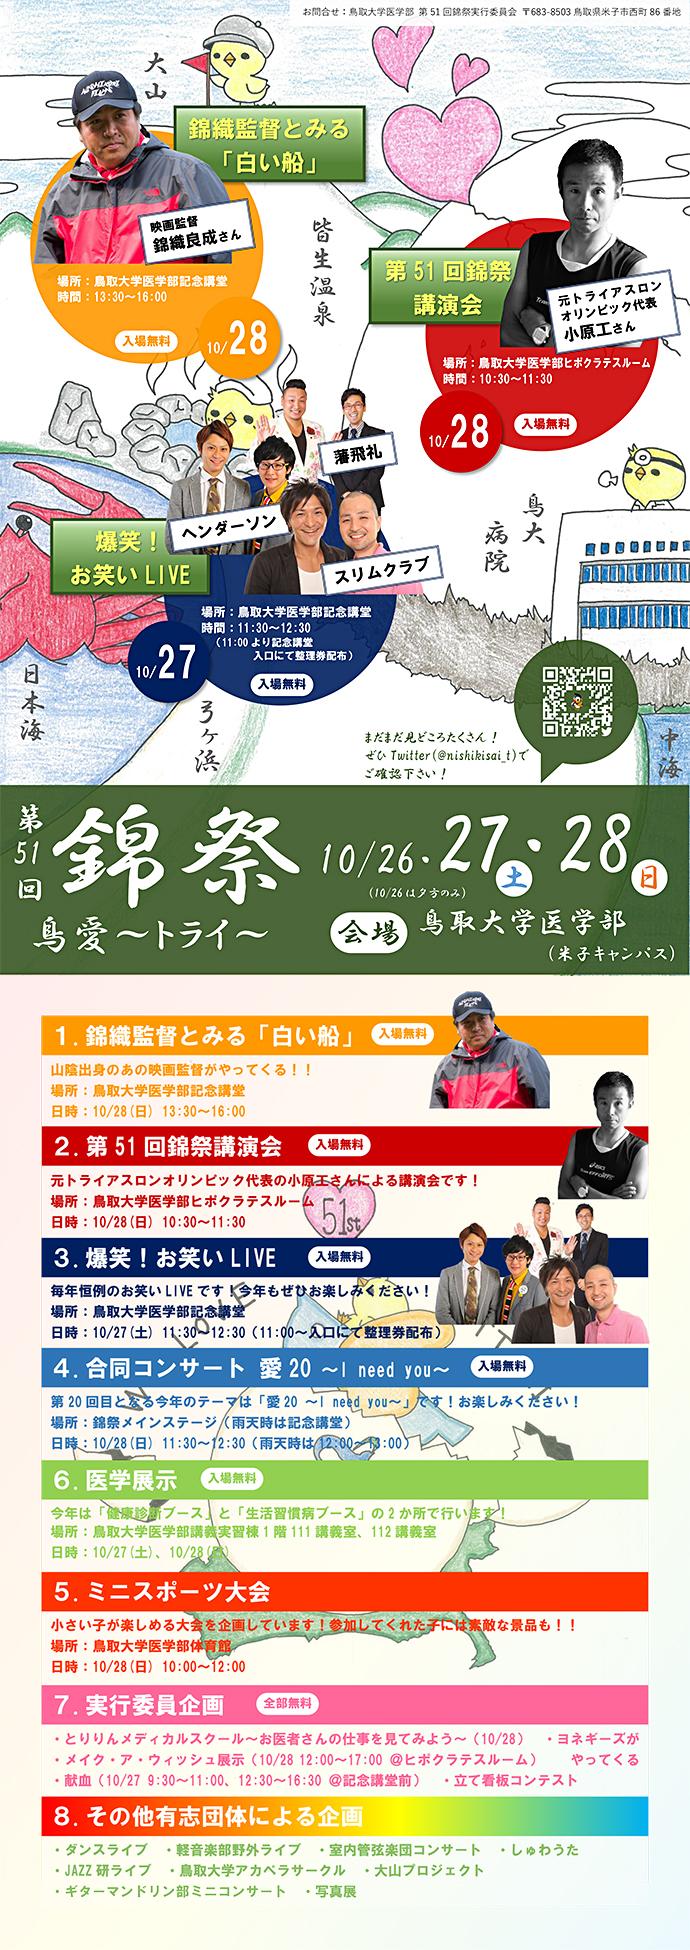 鳥取大学医学部錦祭  爆笑 お笑いライブ2018